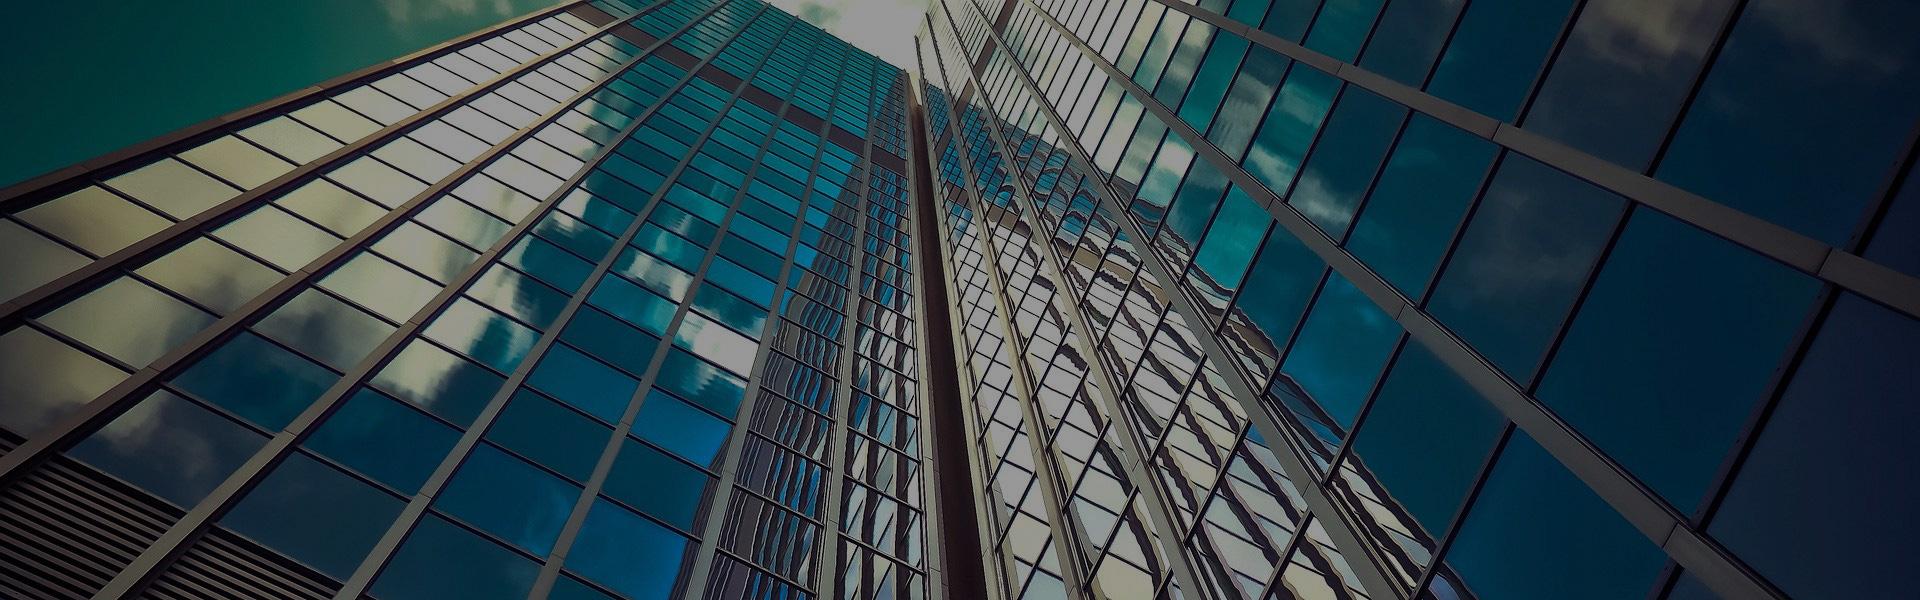 WALTHER Gebäudetechnik Ihr Partner für hochwertige und zukunftsweisende Gebäudetechnik